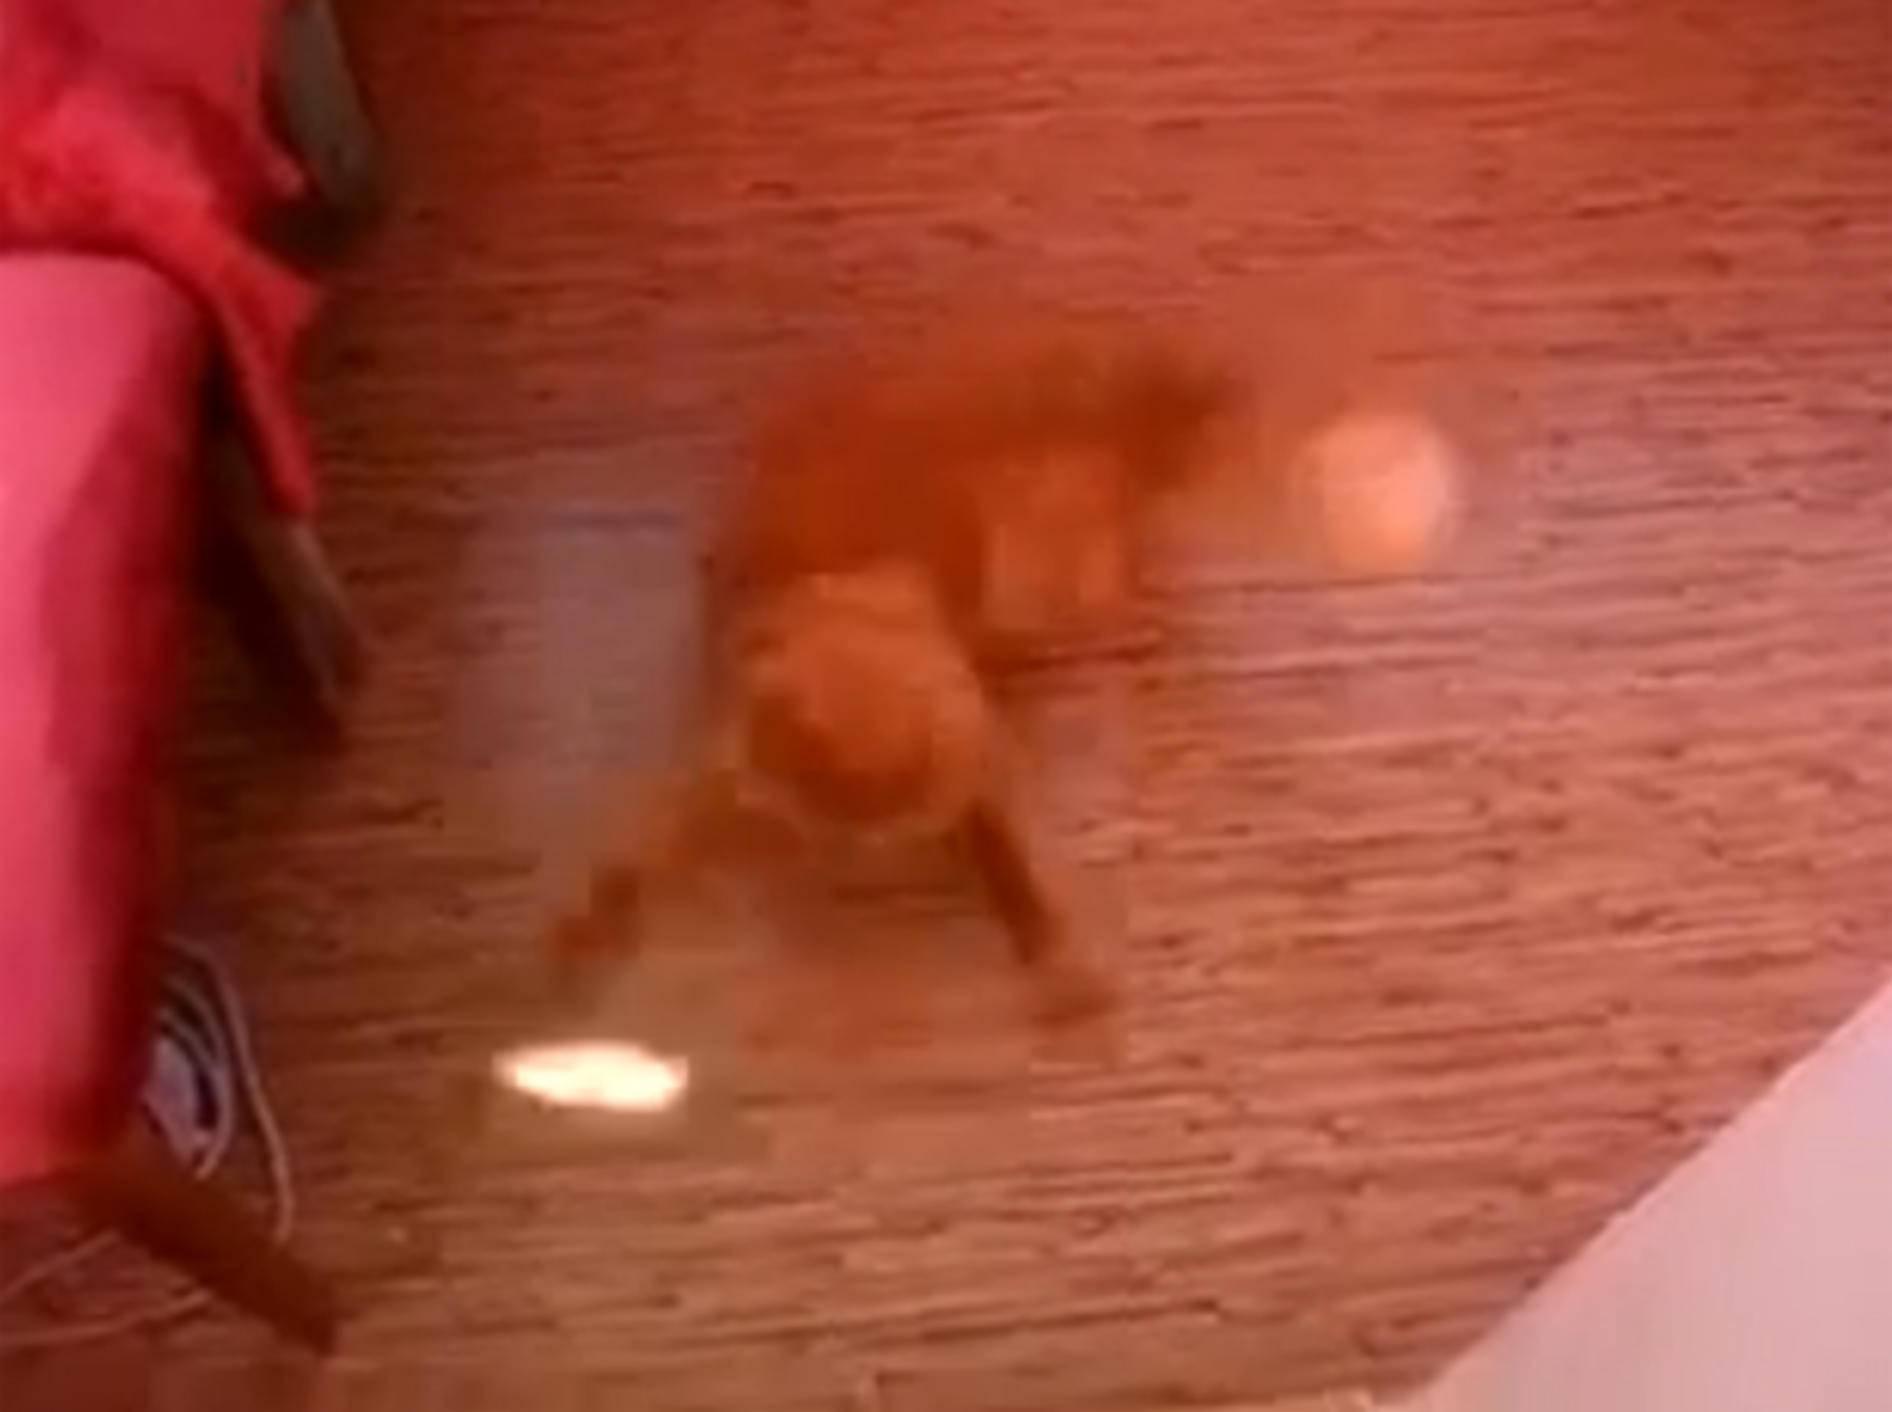 Stepptänzer: Rothaarige Katze legt ne flotte Sohle aufs Parkett